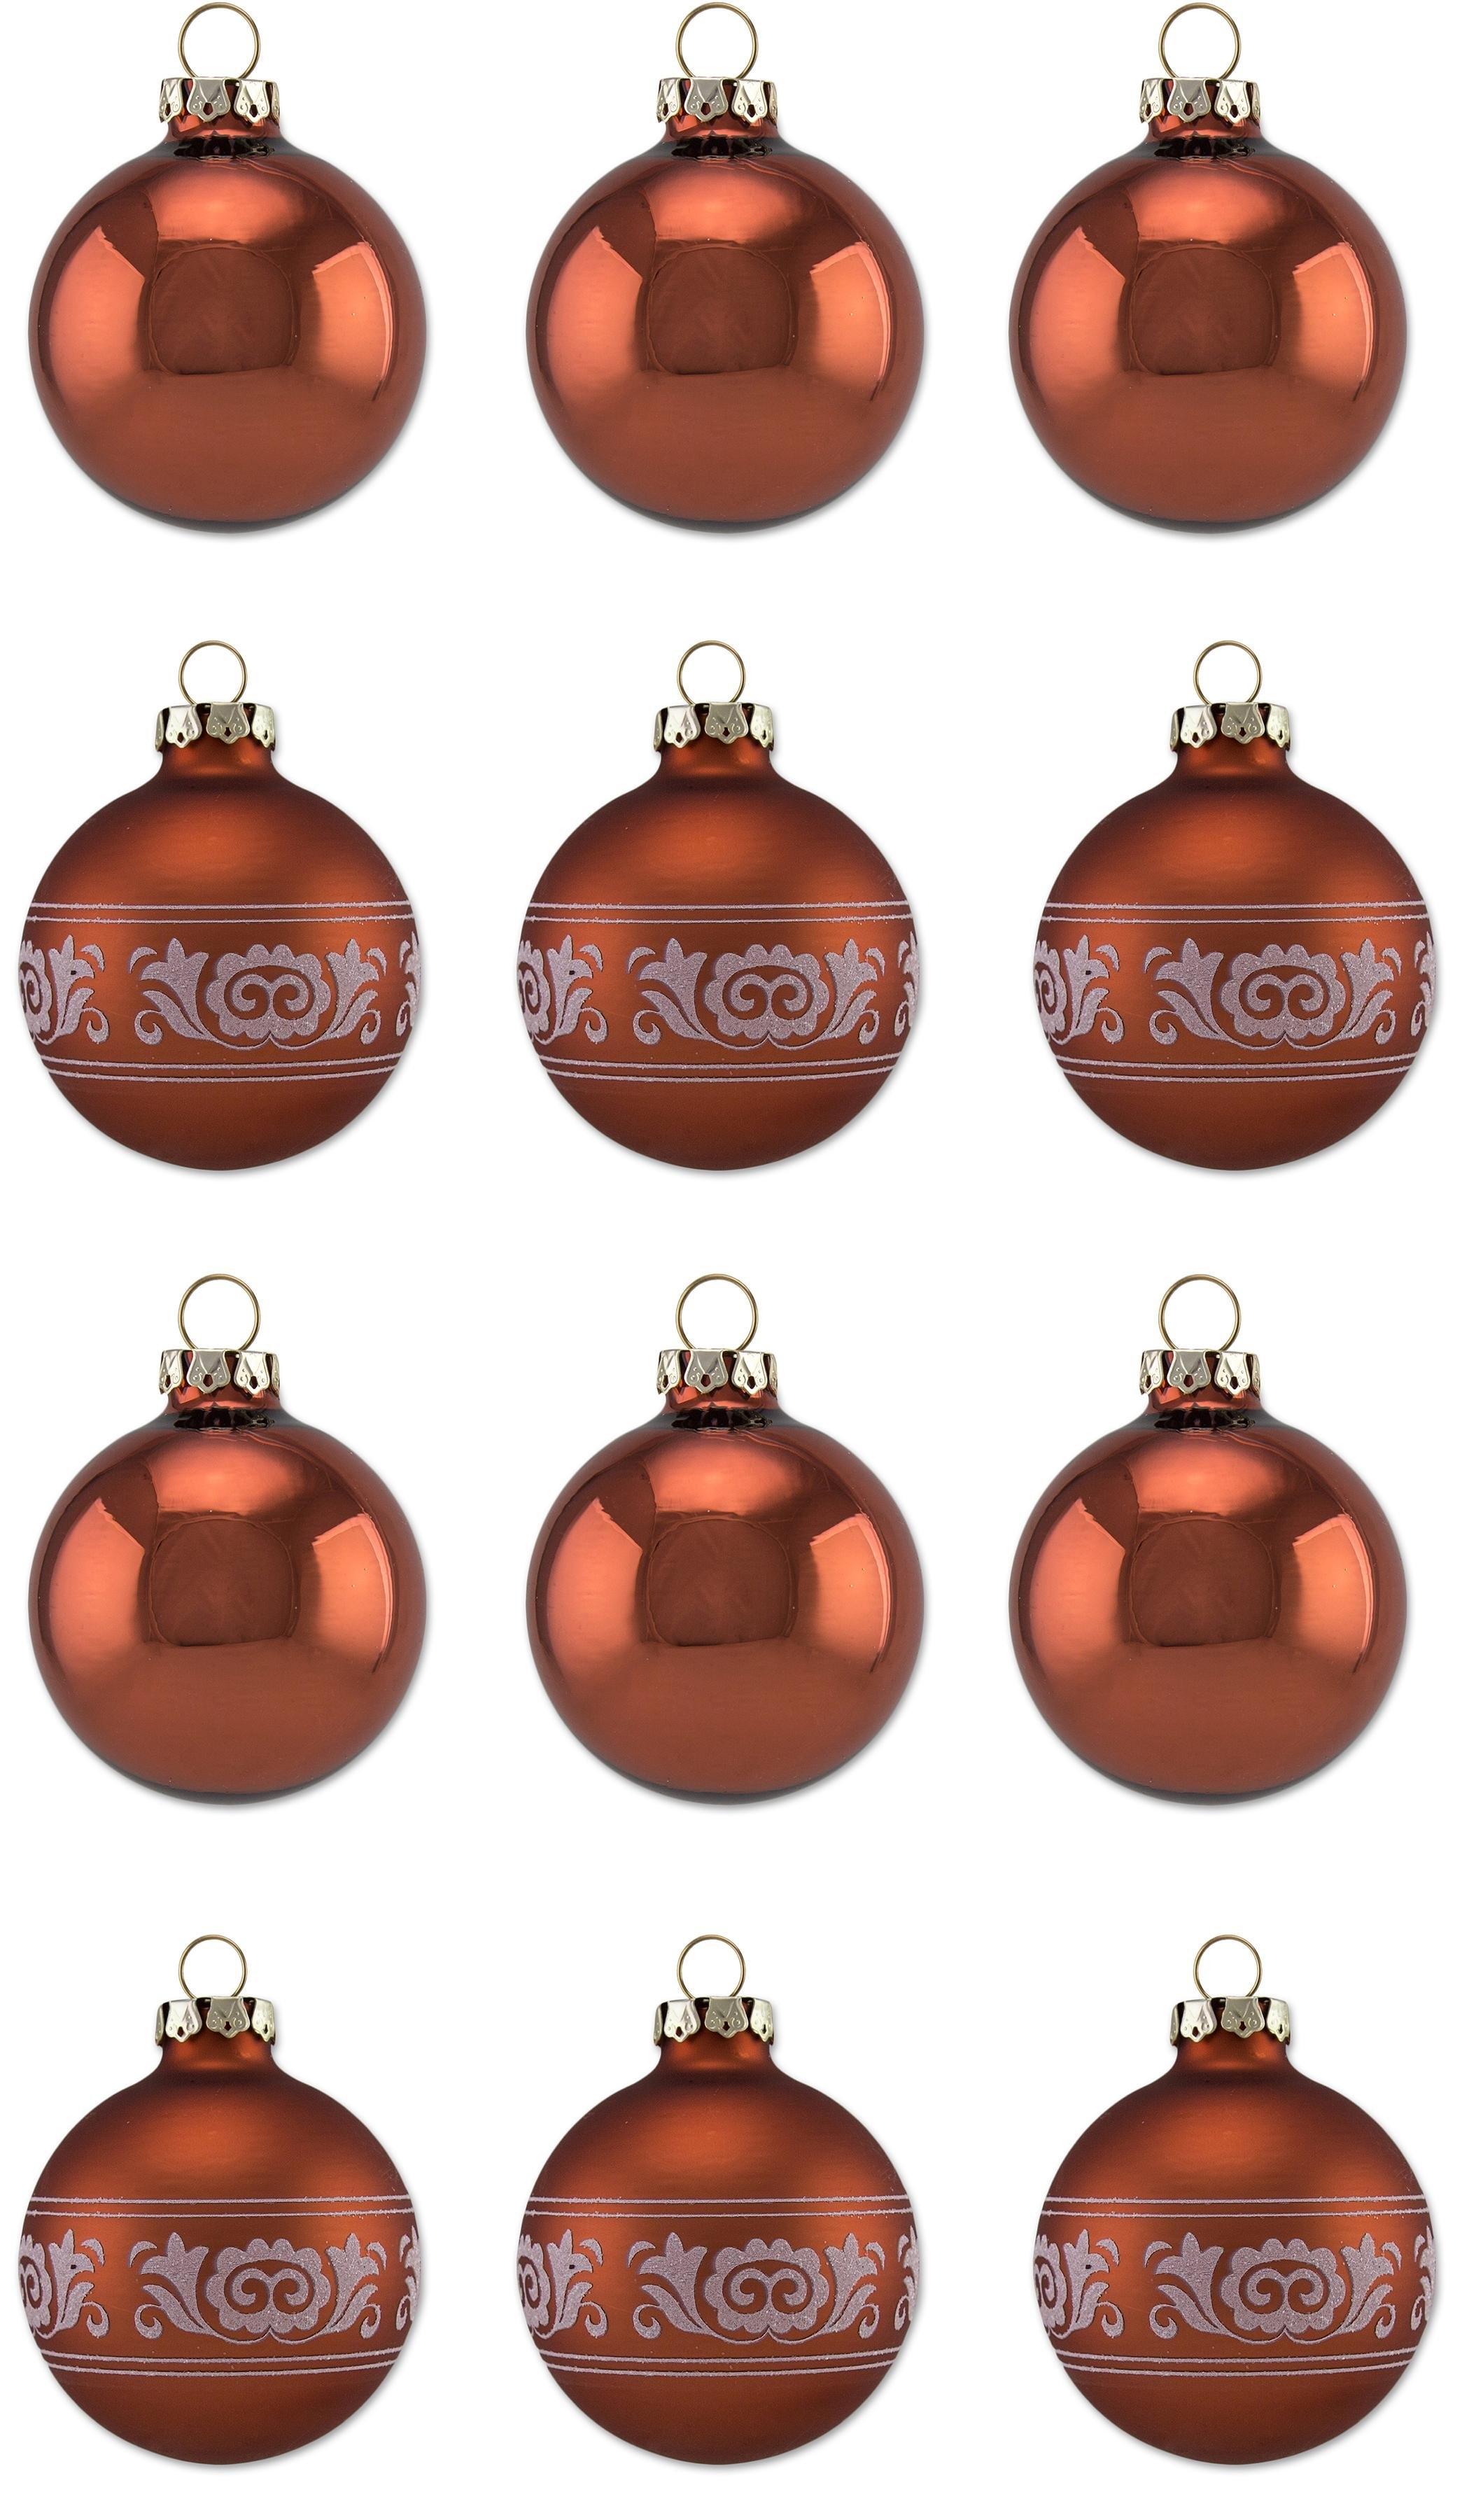 Thüringer Glasdesign kerstbal Koperkleur Glans Made in Germany (set, 12 stuks) veilig op otto.nl kopen